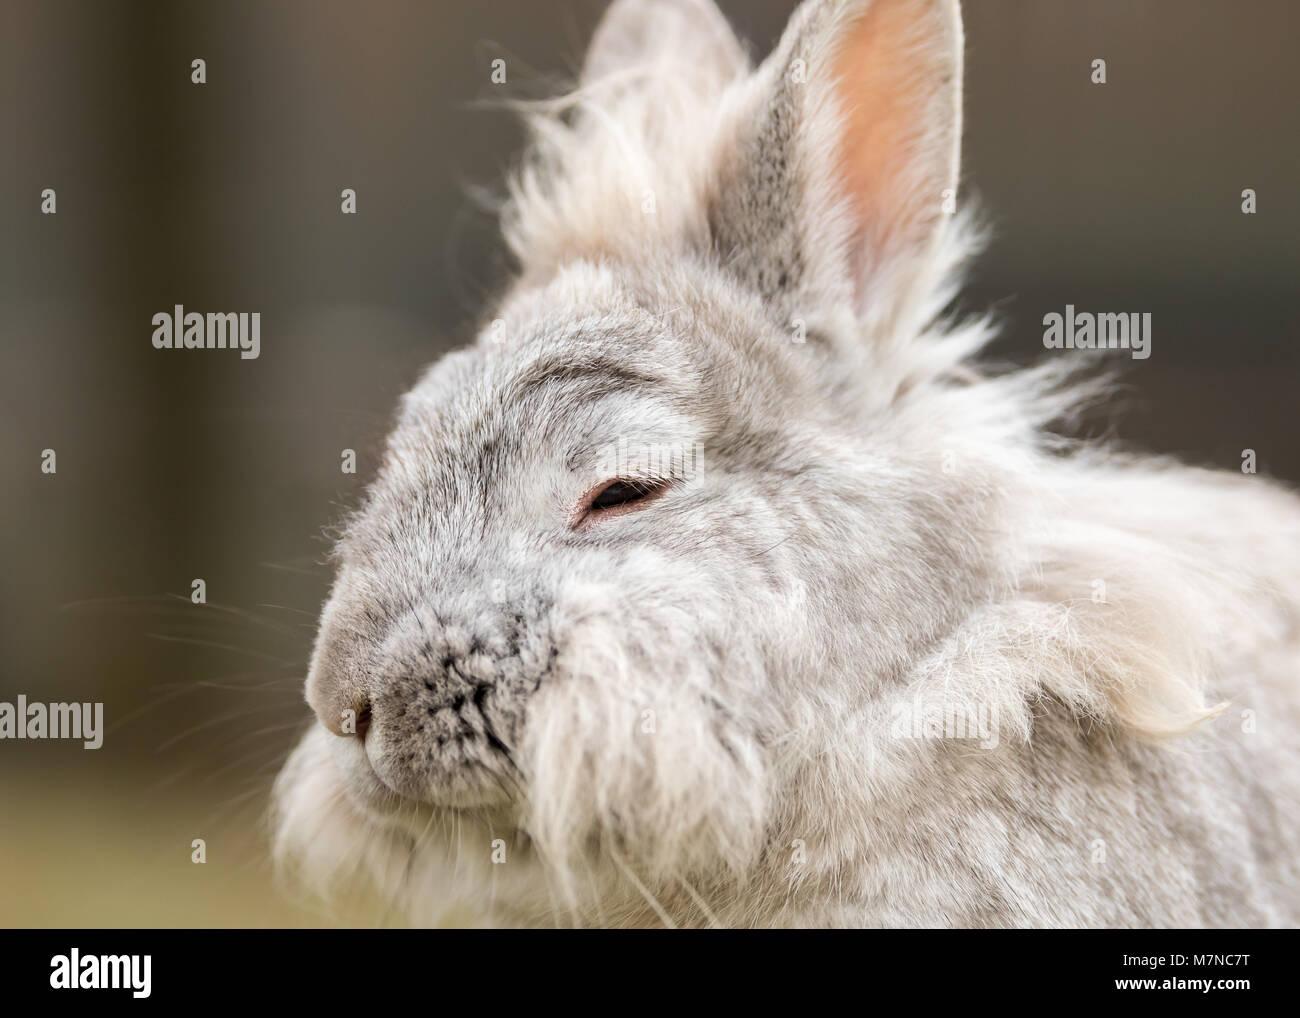 Un ritratto di un White Dwarf Rabbit (Lions Head) Foto Stock